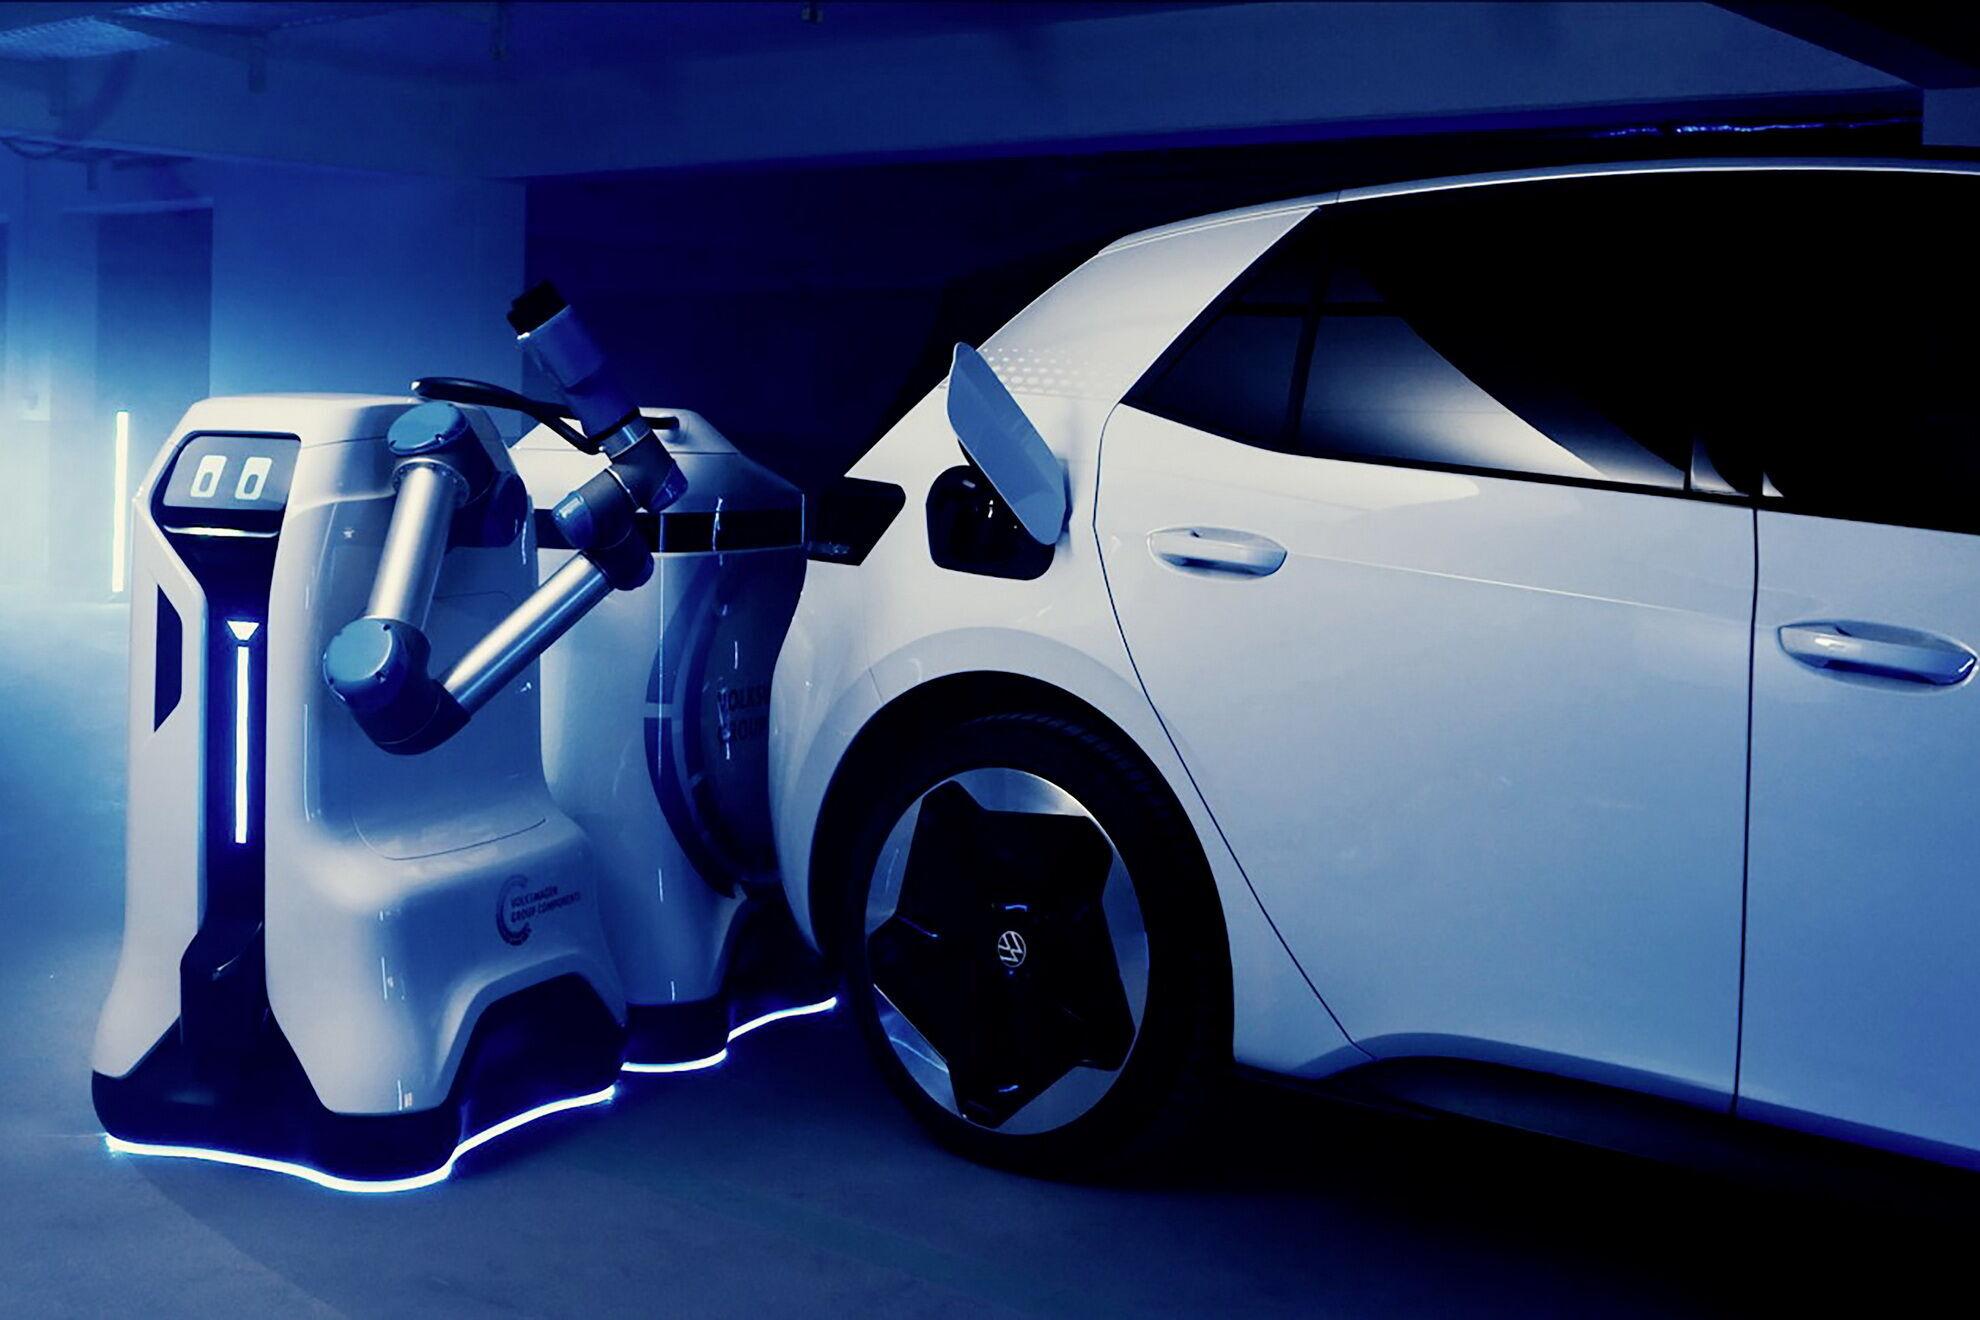 Роботы будут выполнять полностью автономную зарядку электромобиля на закрытых паркингах